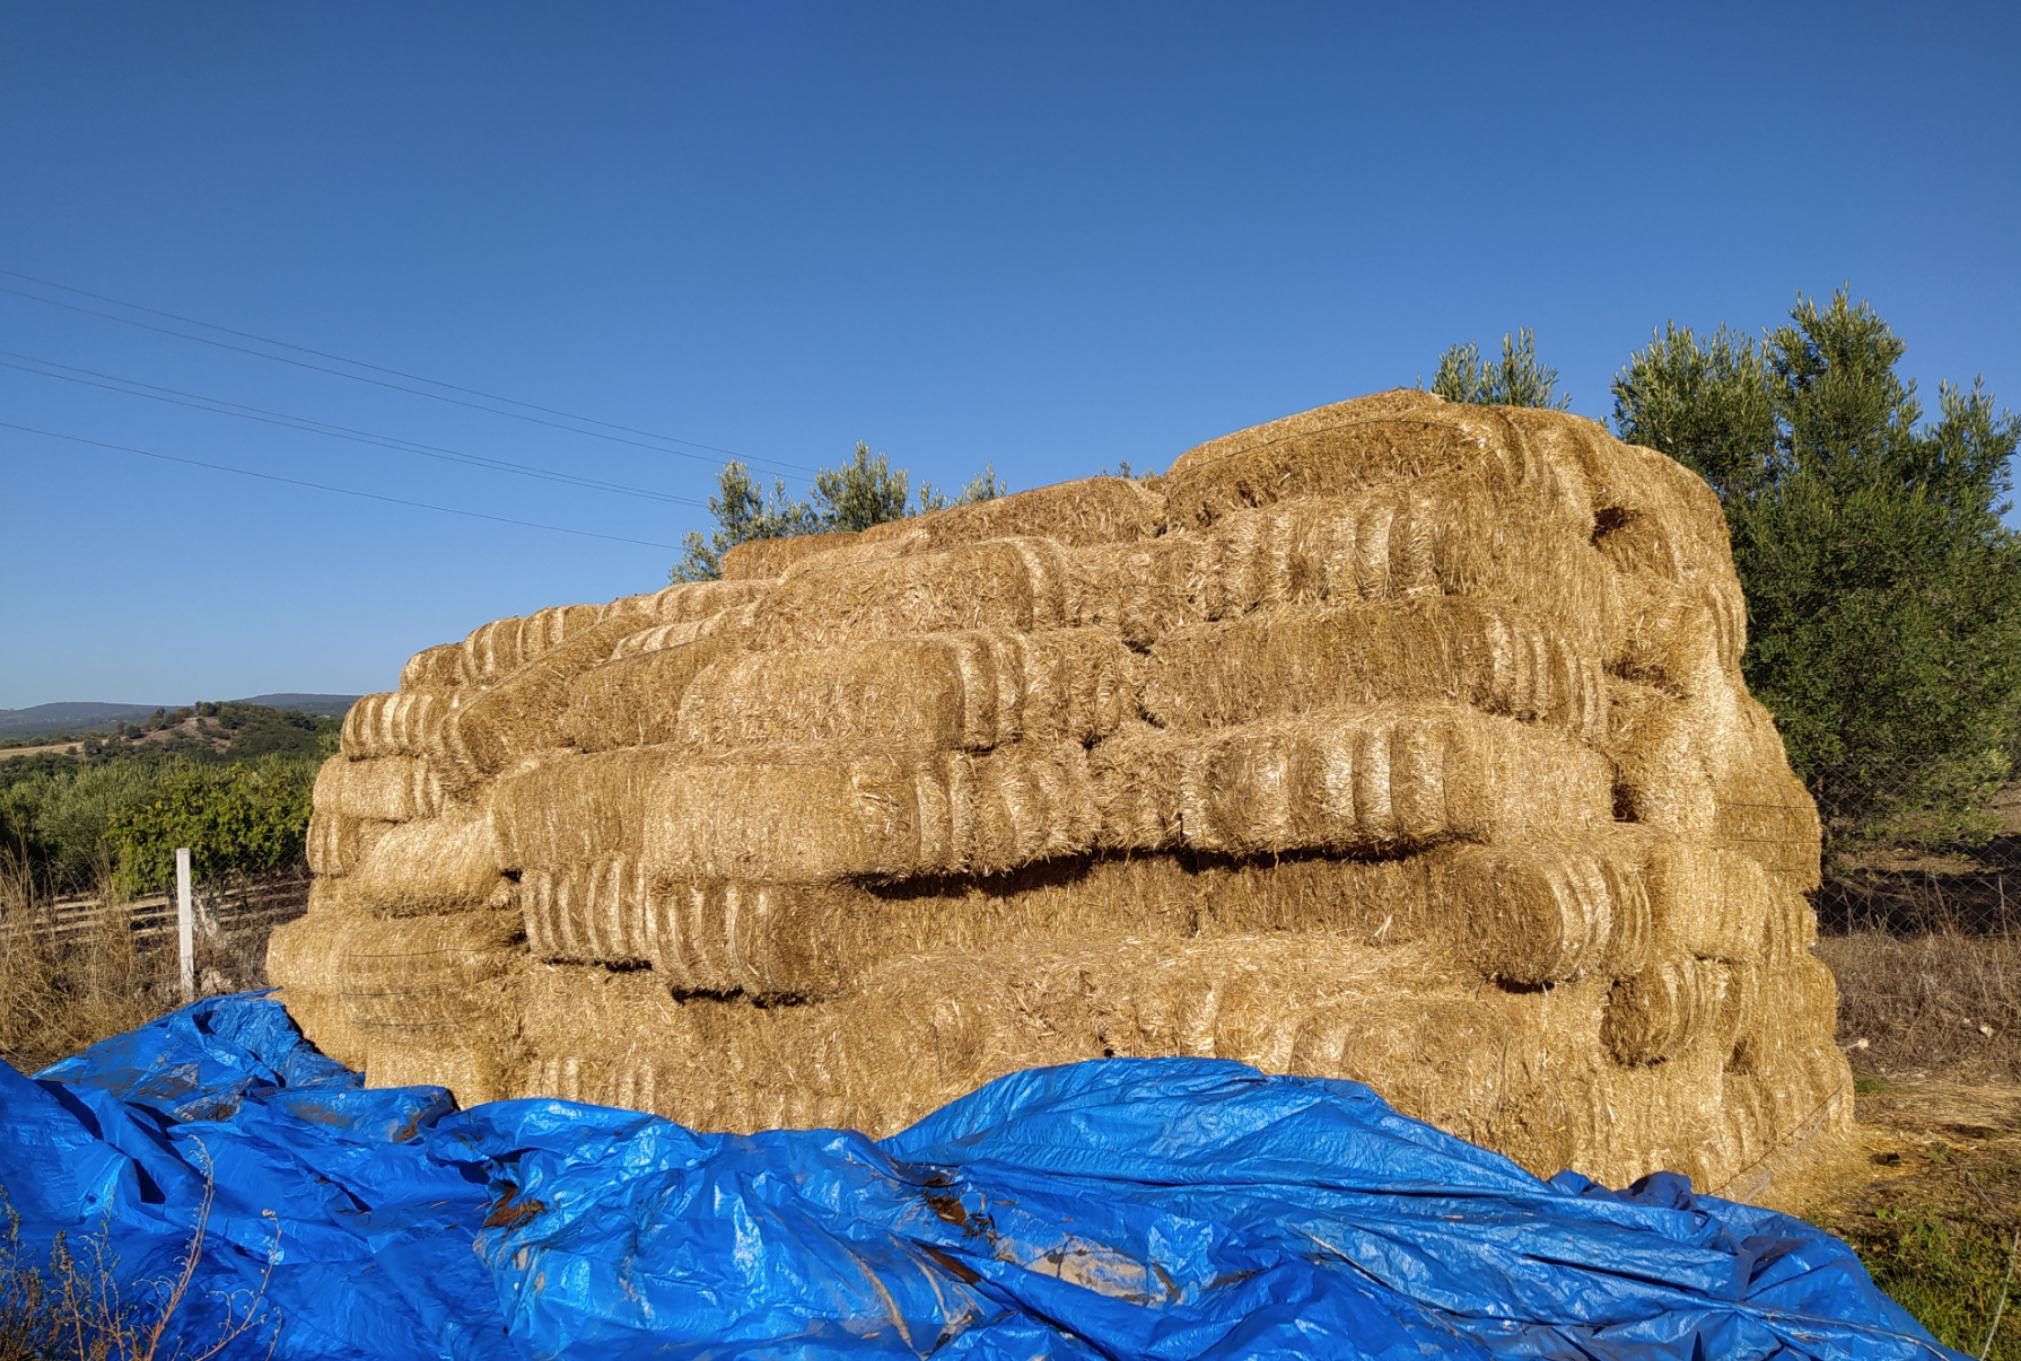 Emre Tan Satılık Buğday samanı - 12.11.2020